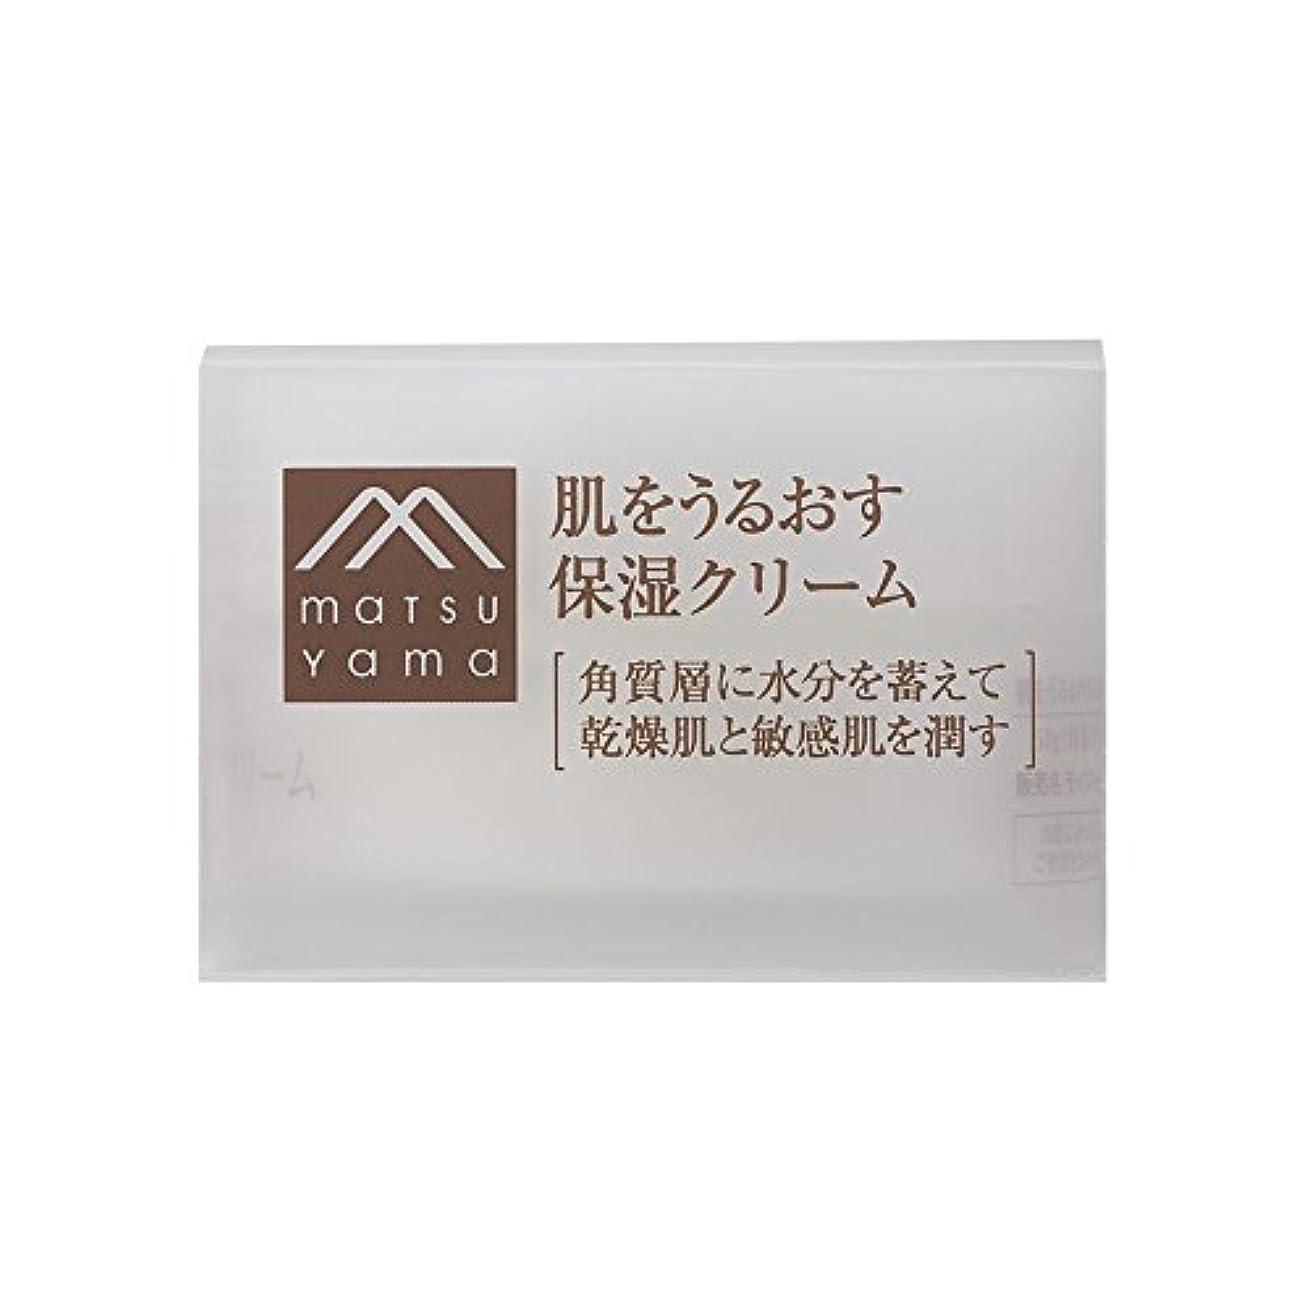 オレンジできたクリープ肌をうるおす保湿クリーム(クリーム) 濃厚クリーム [乾燥肌 敏感肌]